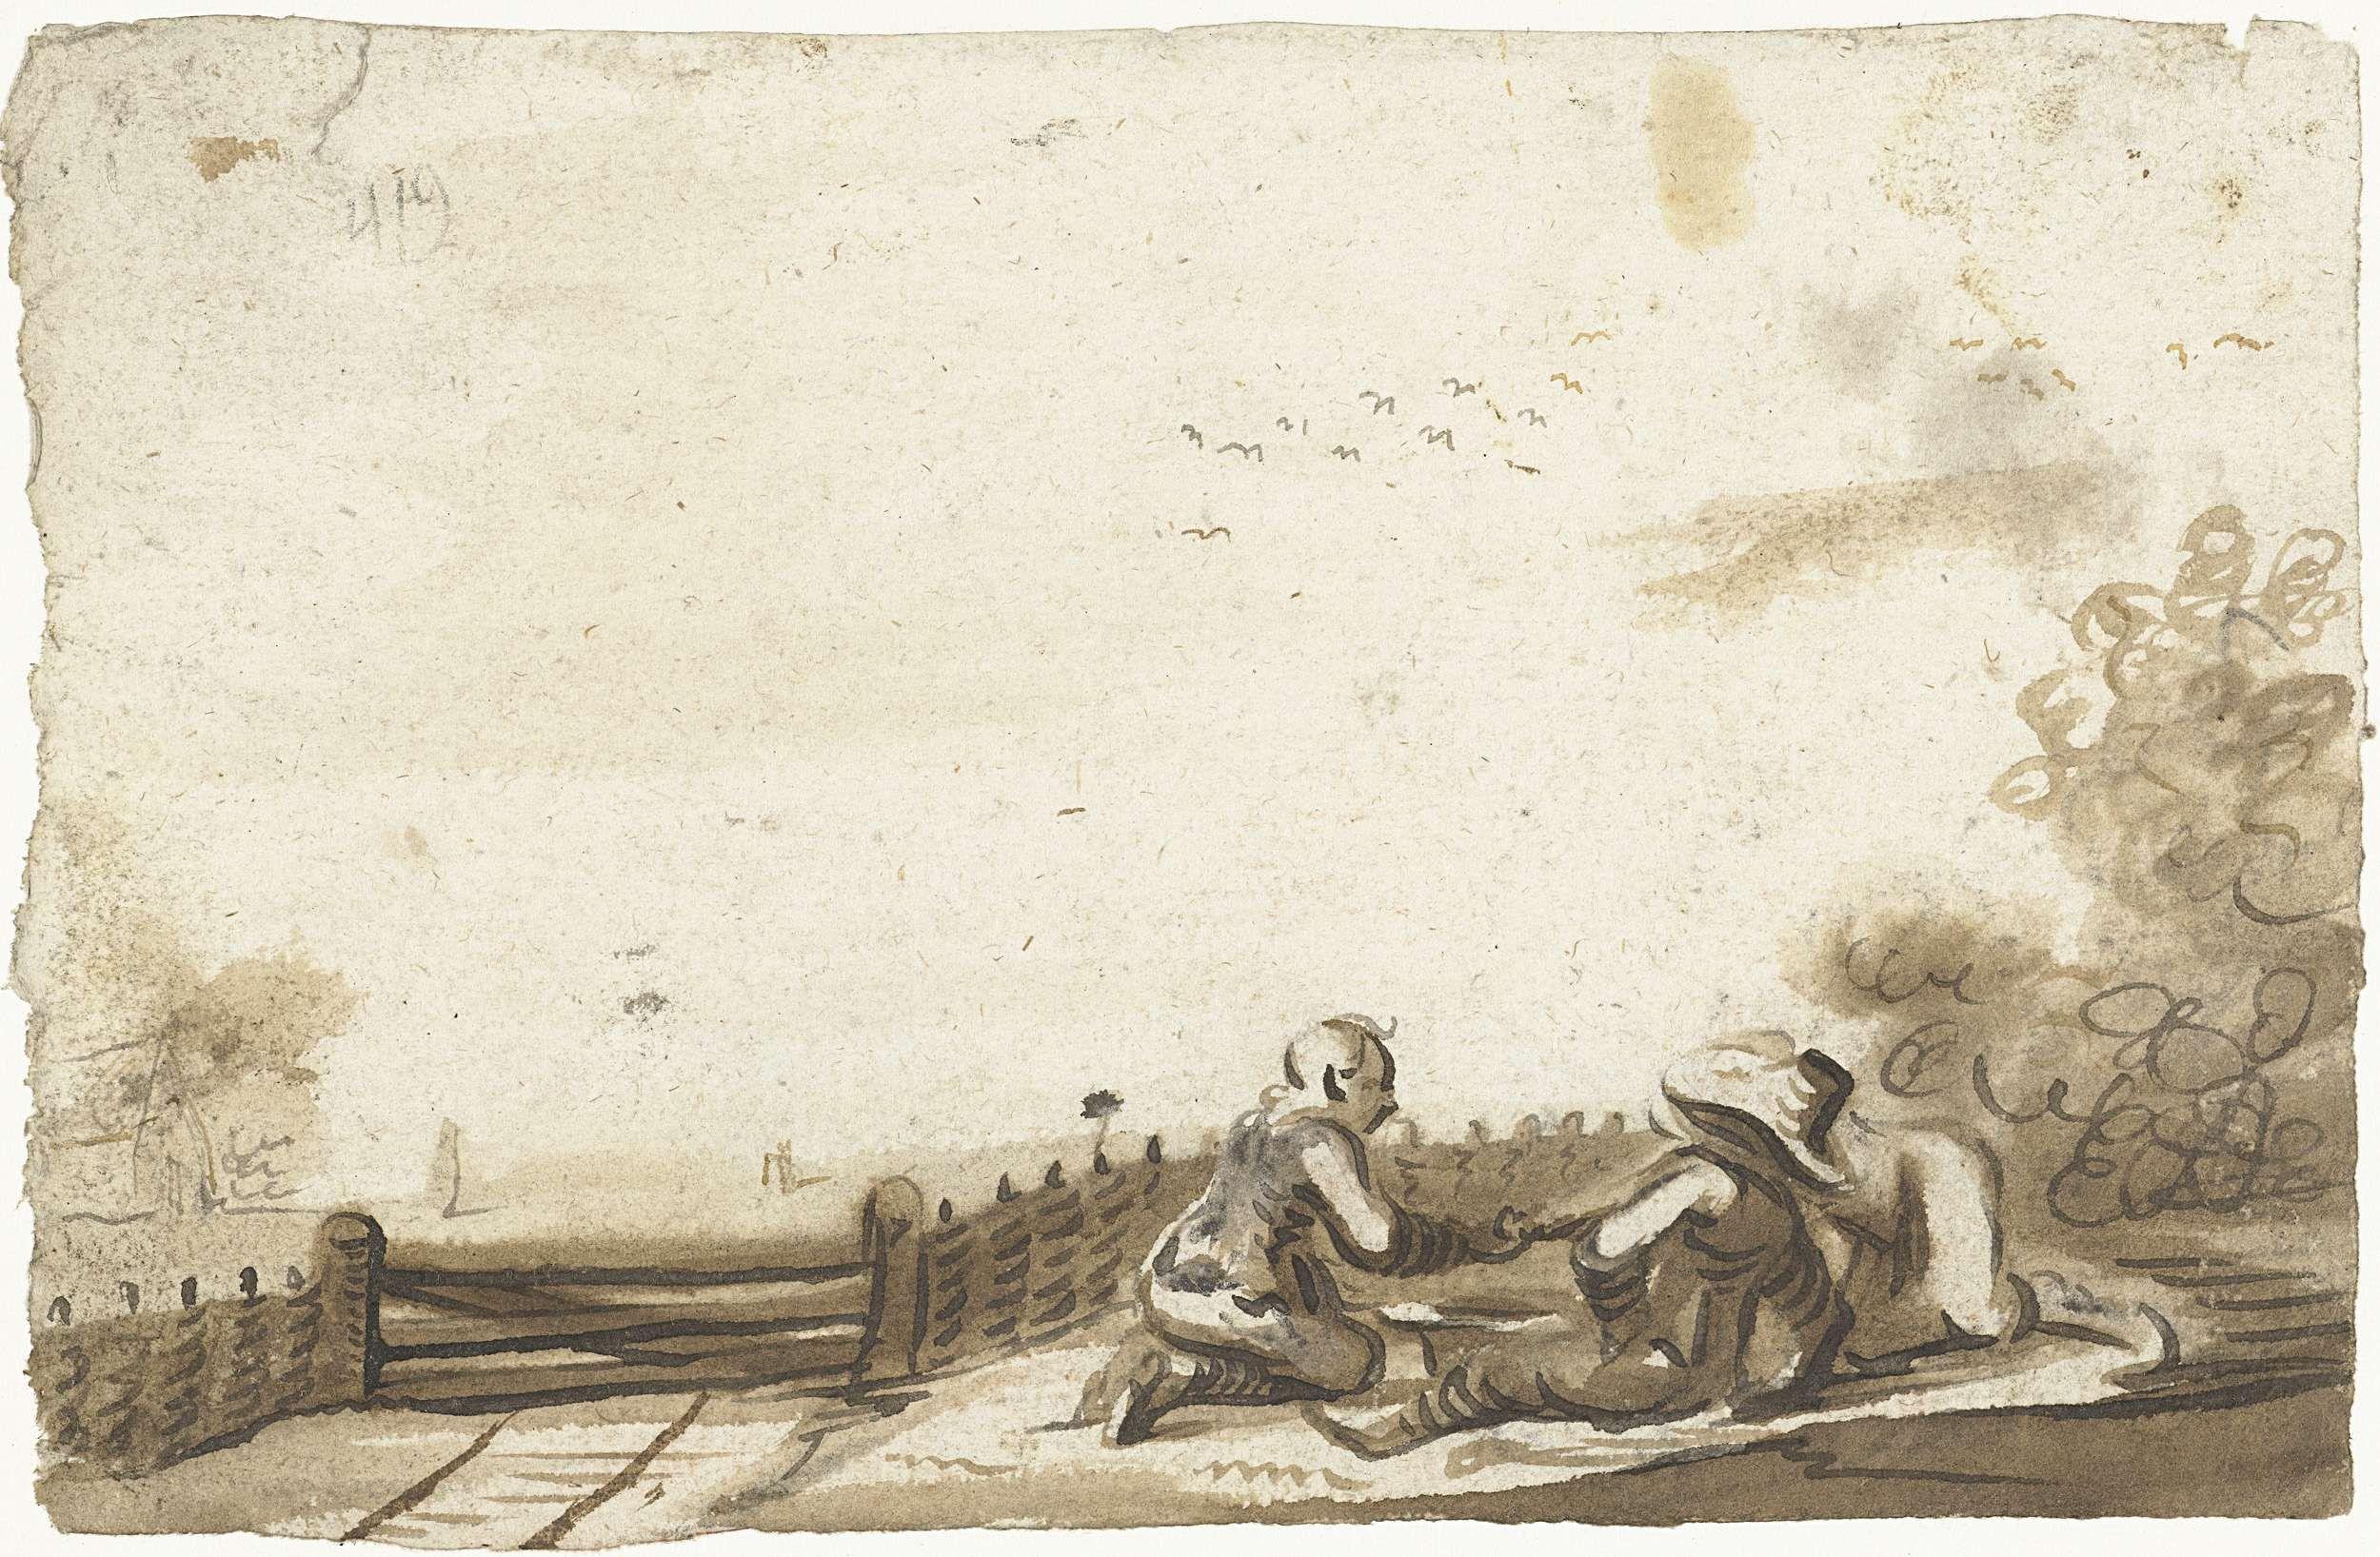 Harmen ter Borch | Drie jongens bij een hek, Harmen ter Borch, c. 1653 |